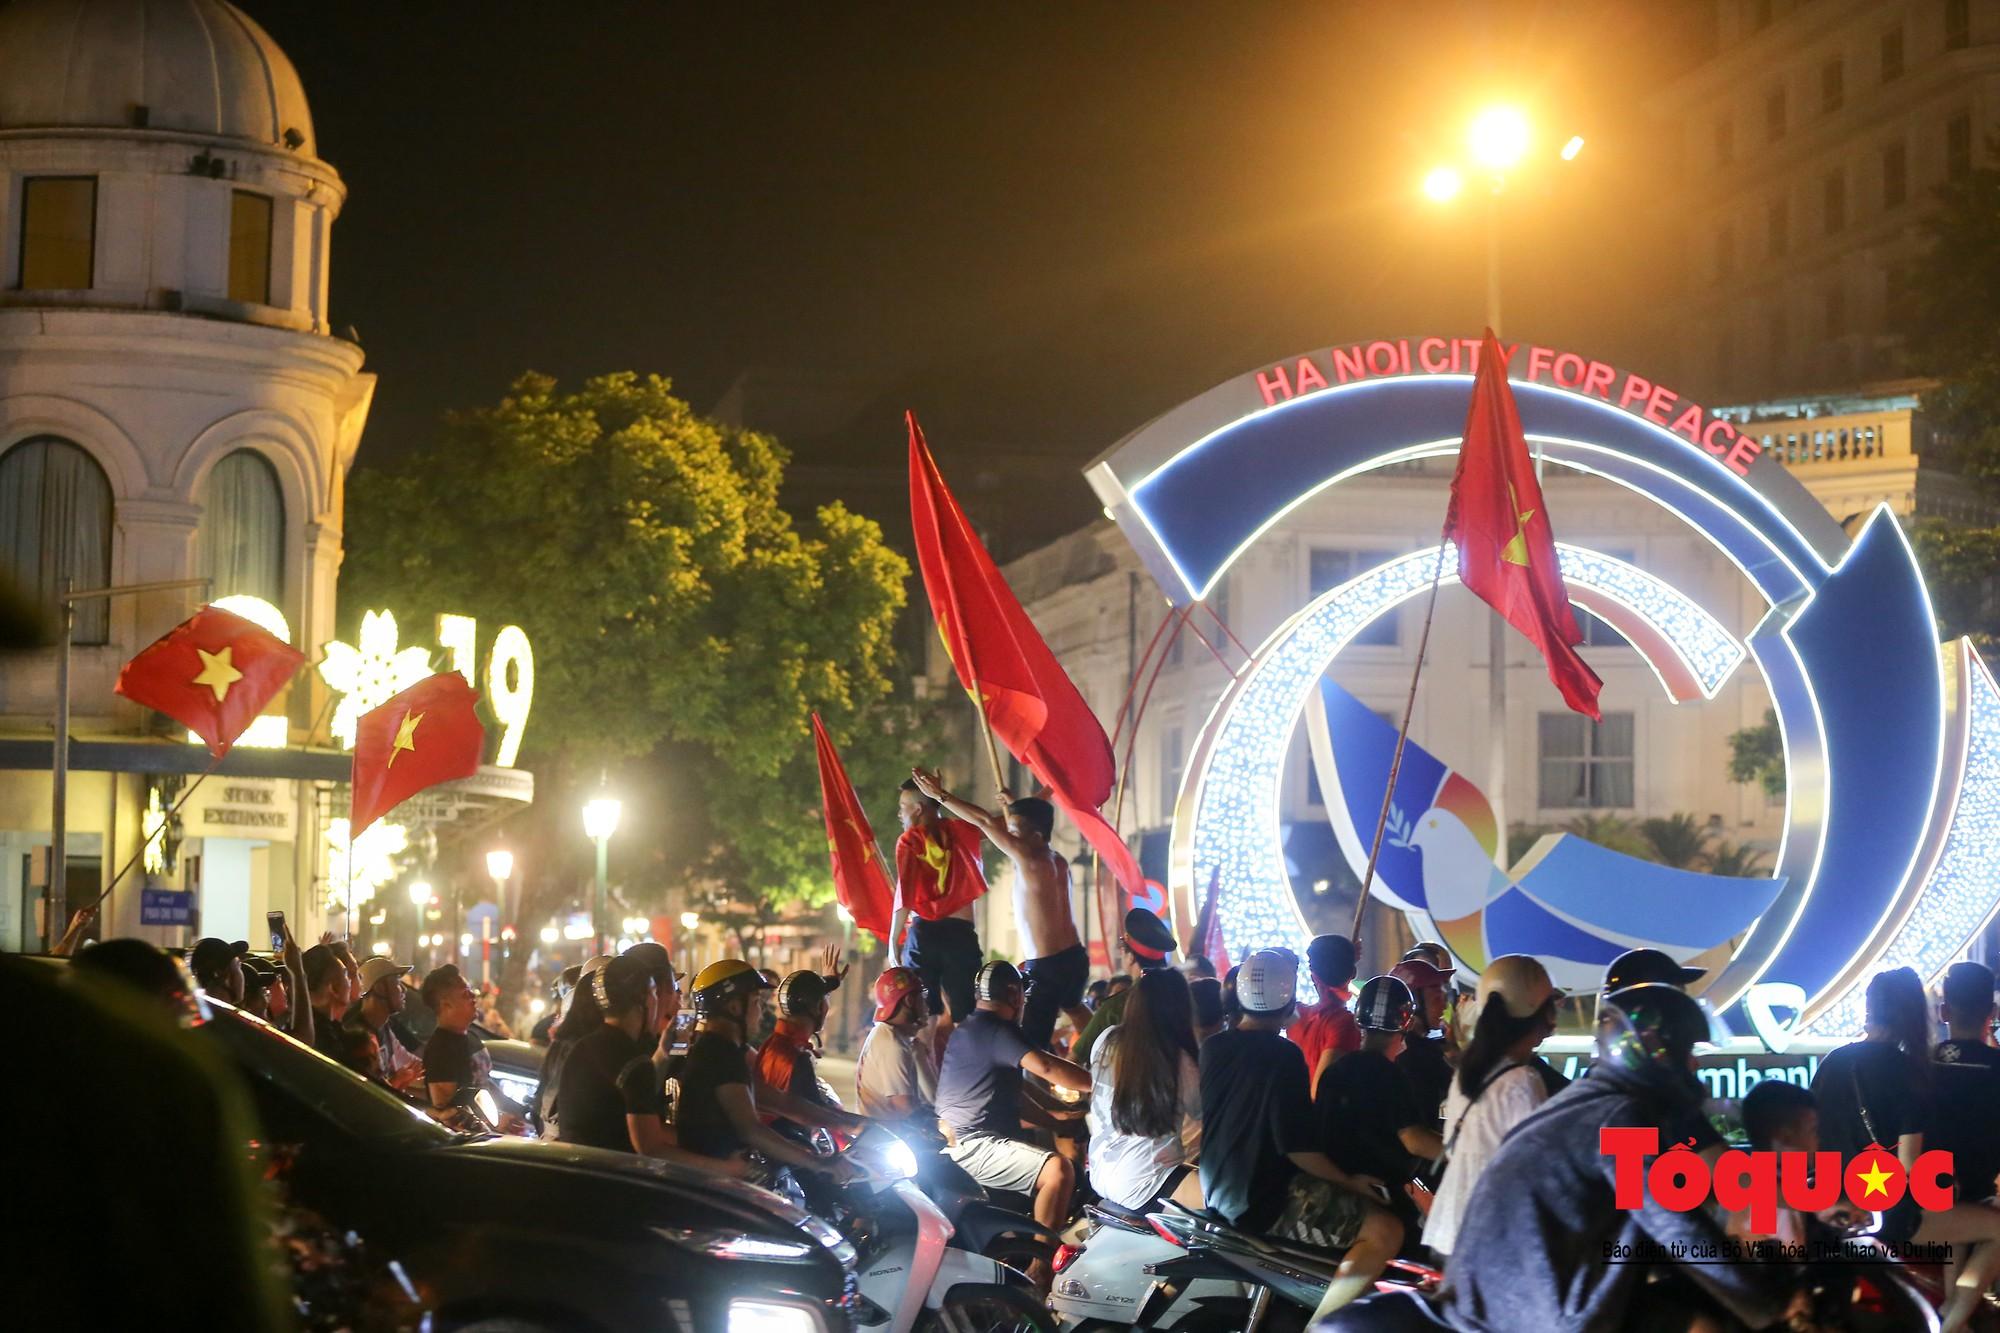 Hàng ngàn CĐV xuống đường mừng chiến thắng của đội tuyển Việt Nam16